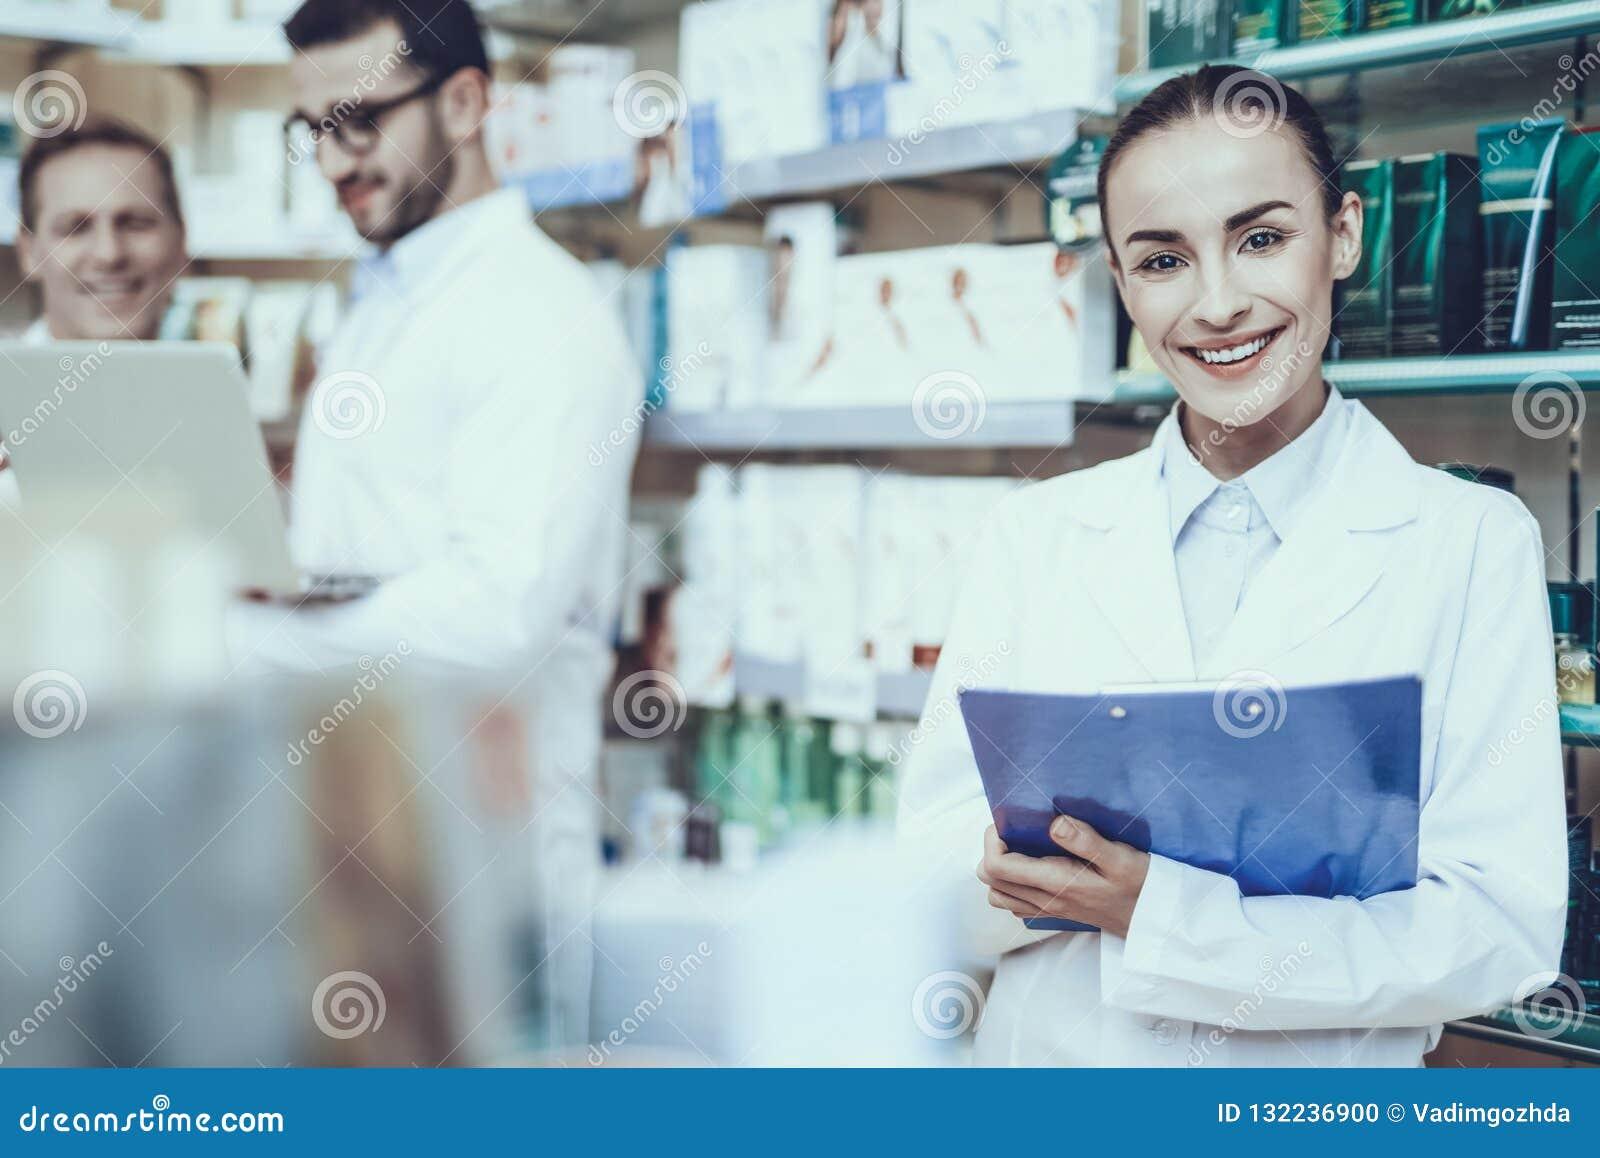 Φαρμακοποιοί που εργάζονται στο φαρμακείο